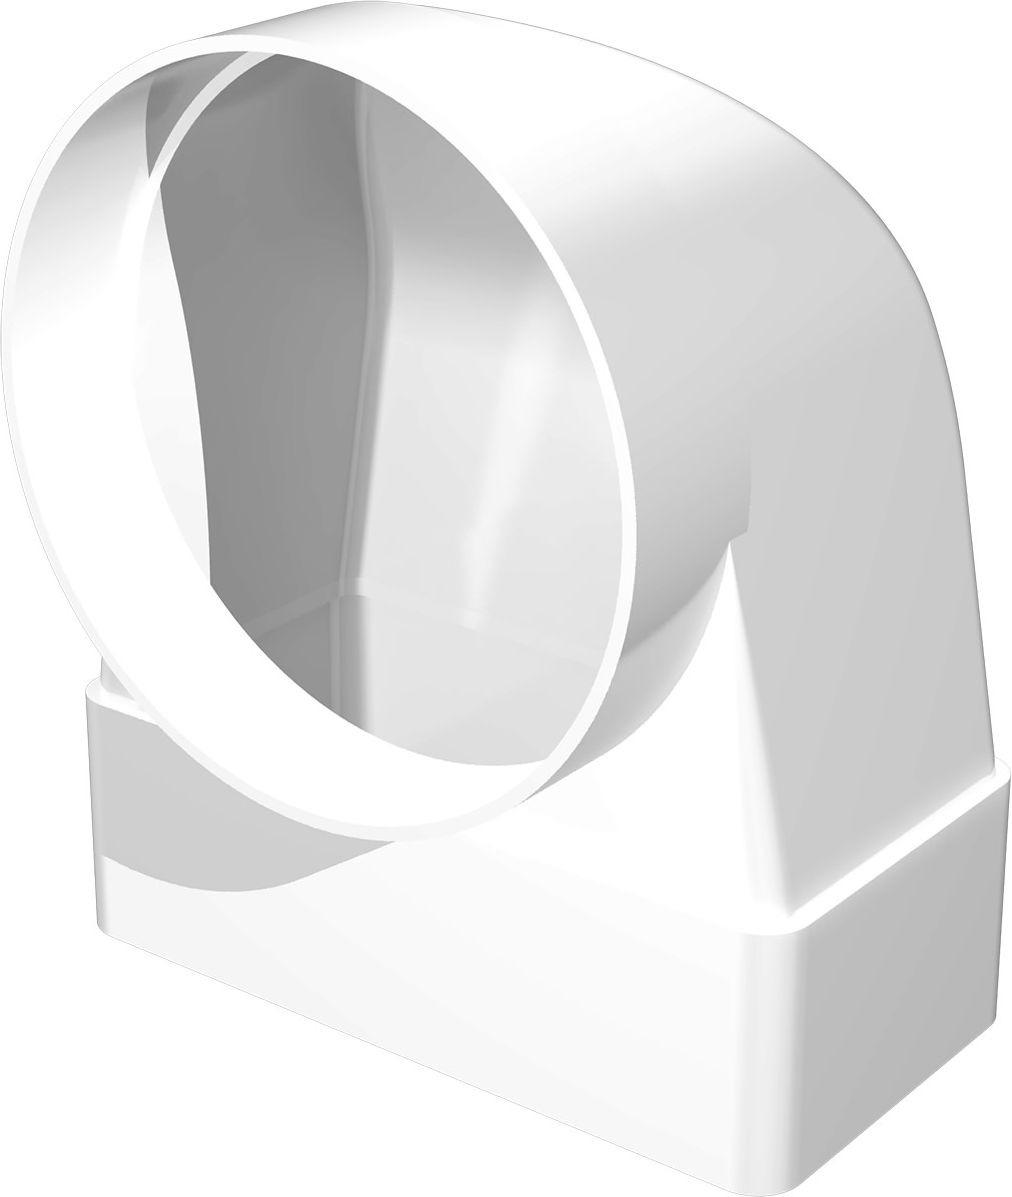 Соединительно-монтажный элемент ERA, 620СК10ФП, белый, угловой, 90°, для соединения плоского воздуховода с фланцевым воздухораспределителем накладка торцевая пластик 150х150 для воздуховода d100